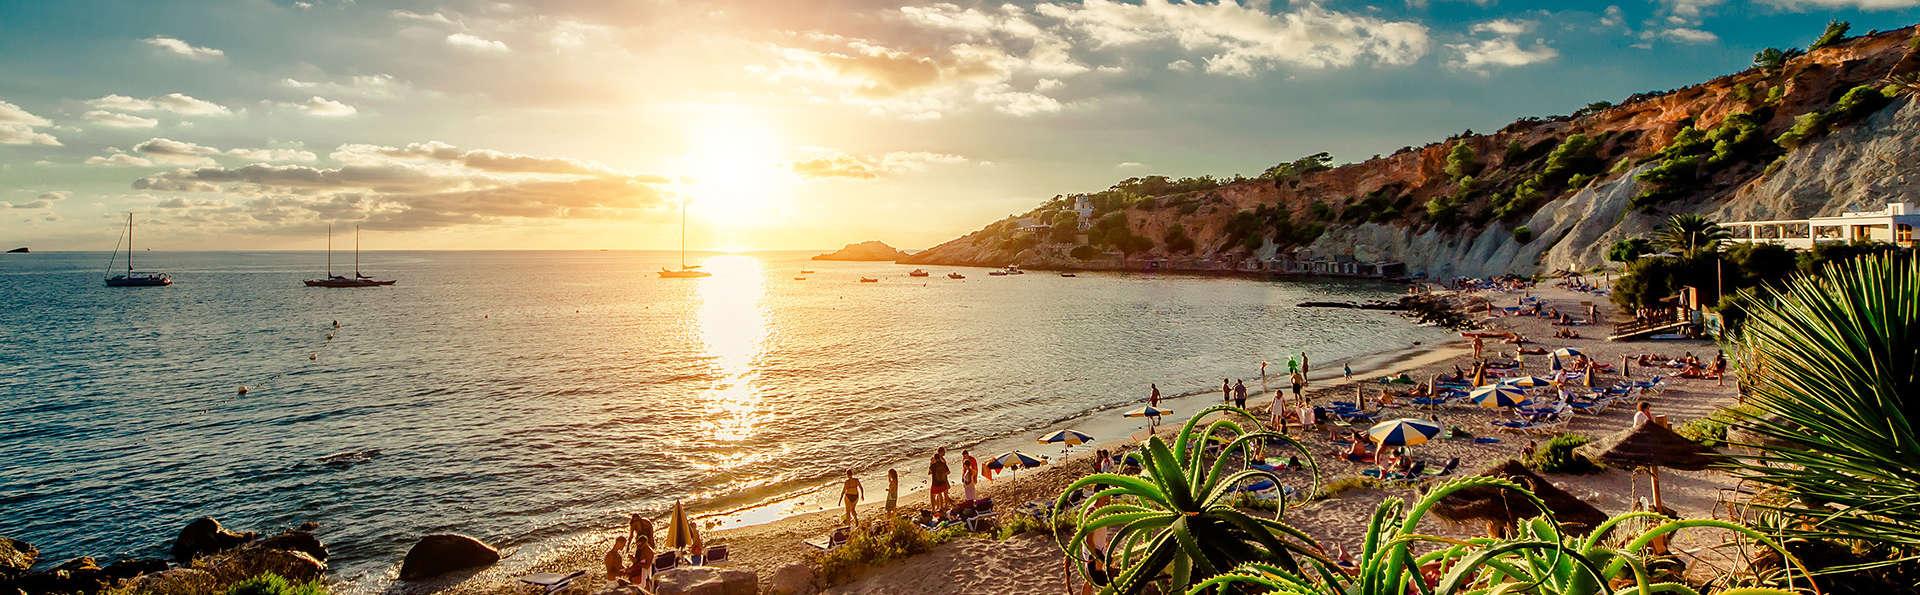 Profitez de la vue sur la Méditerranée depuis votre chambre à Ibiza (non remboursable)